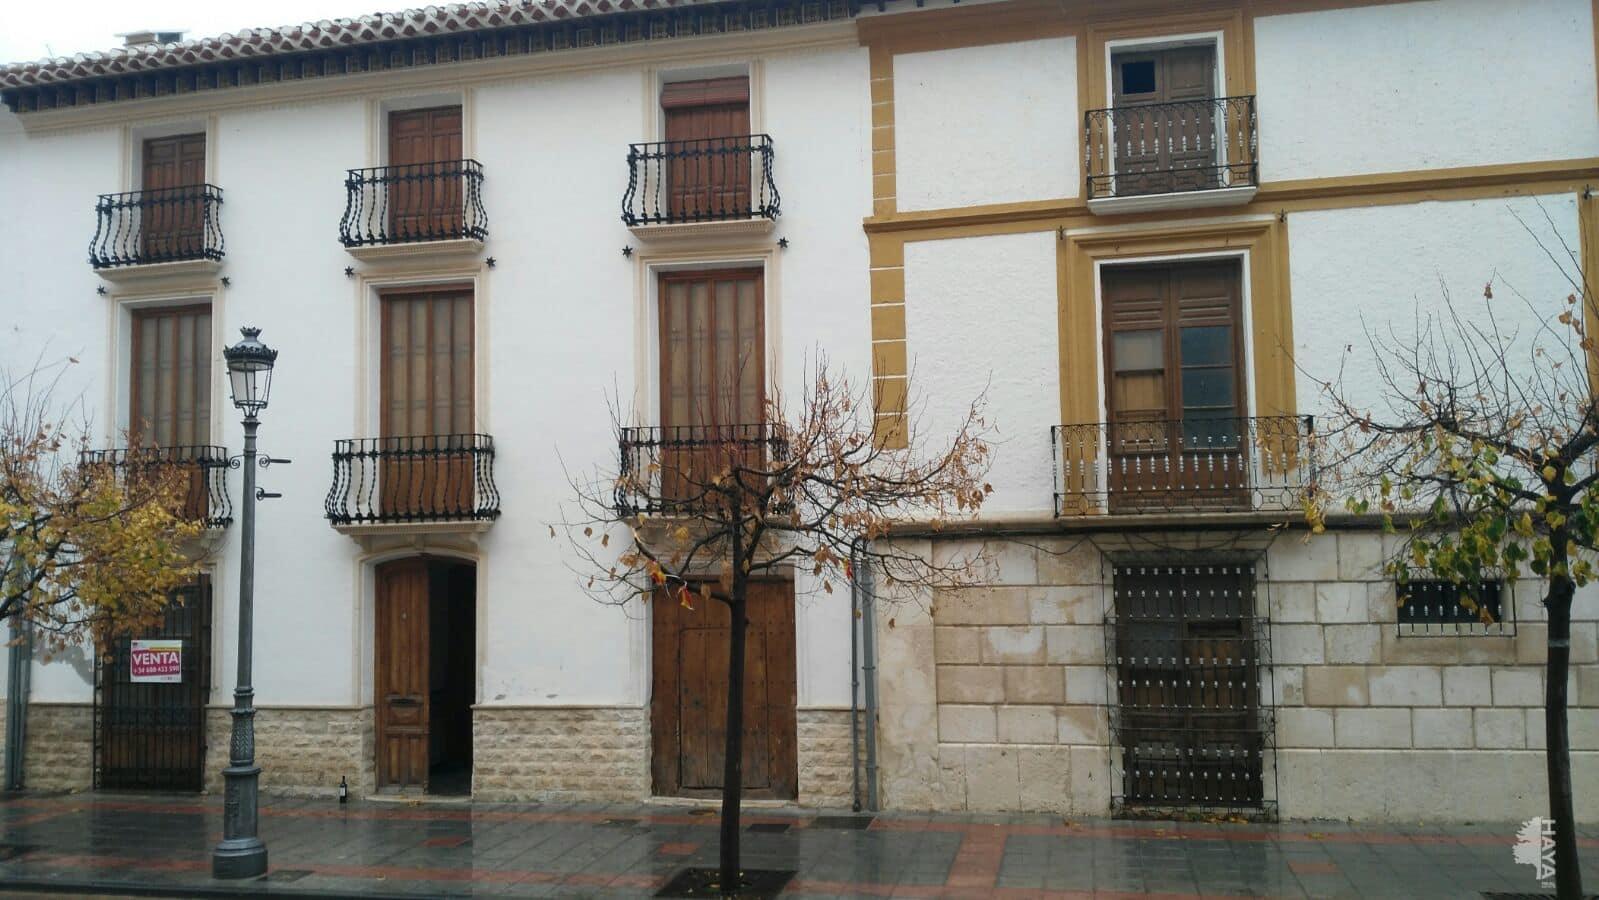 Casa en venta en Vélez-blanco, Vélez-blanco, Almería, Calle Corredera, 152.000 €, 10 habitaciones, 20 baños, 326 m2